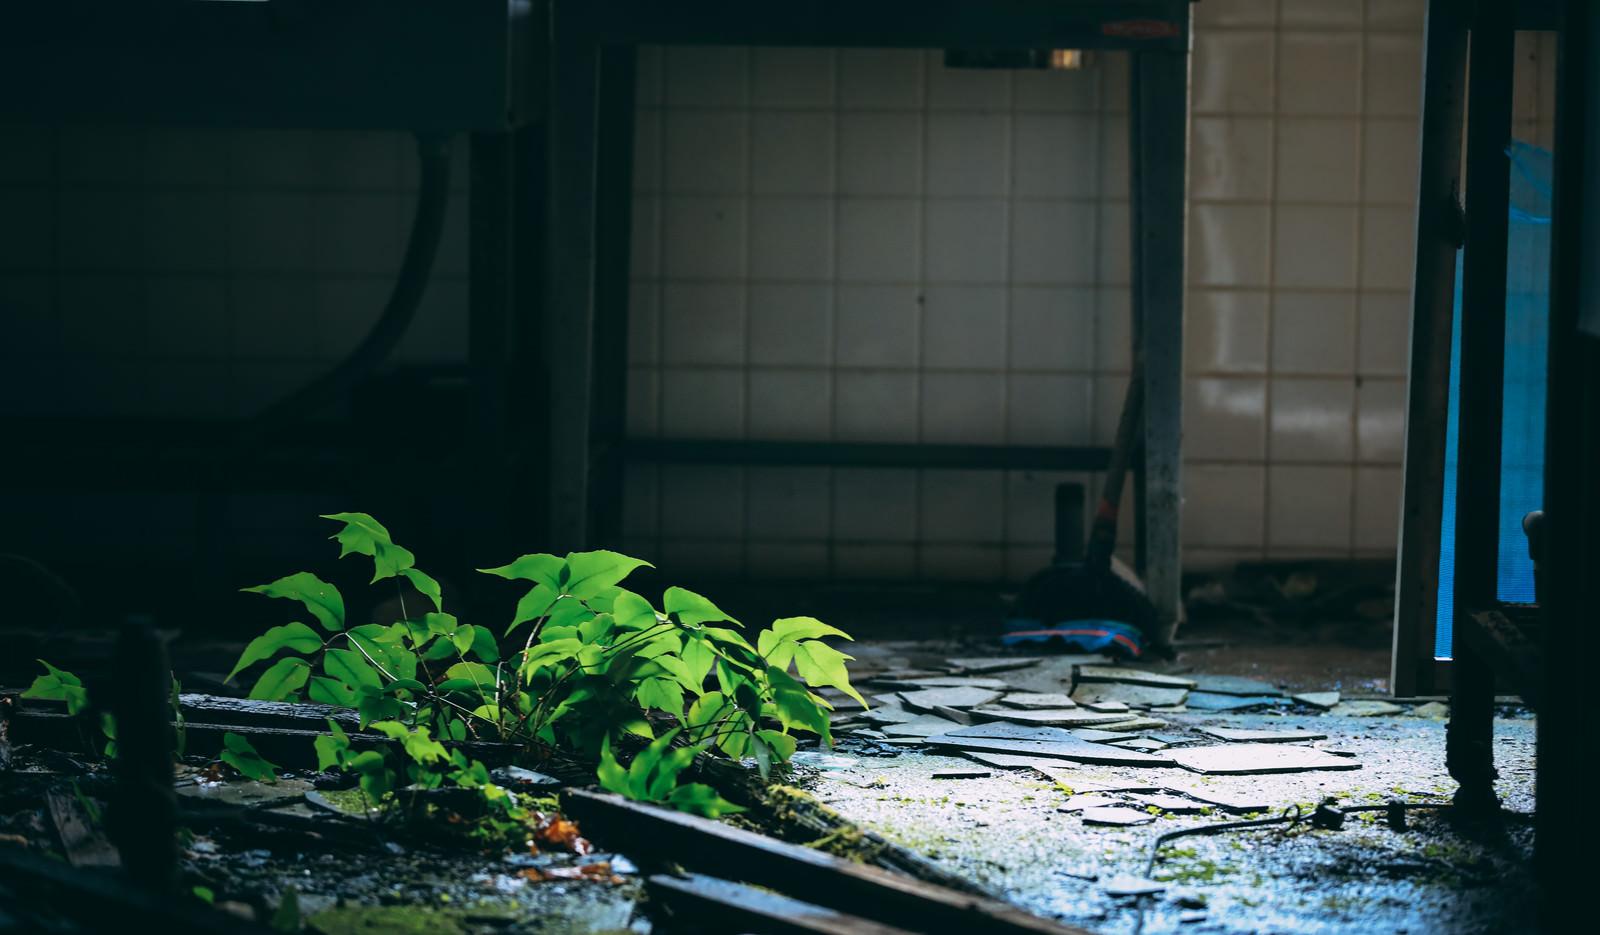 「瓦礫と廃墟に咲く青々しい植物」の写真